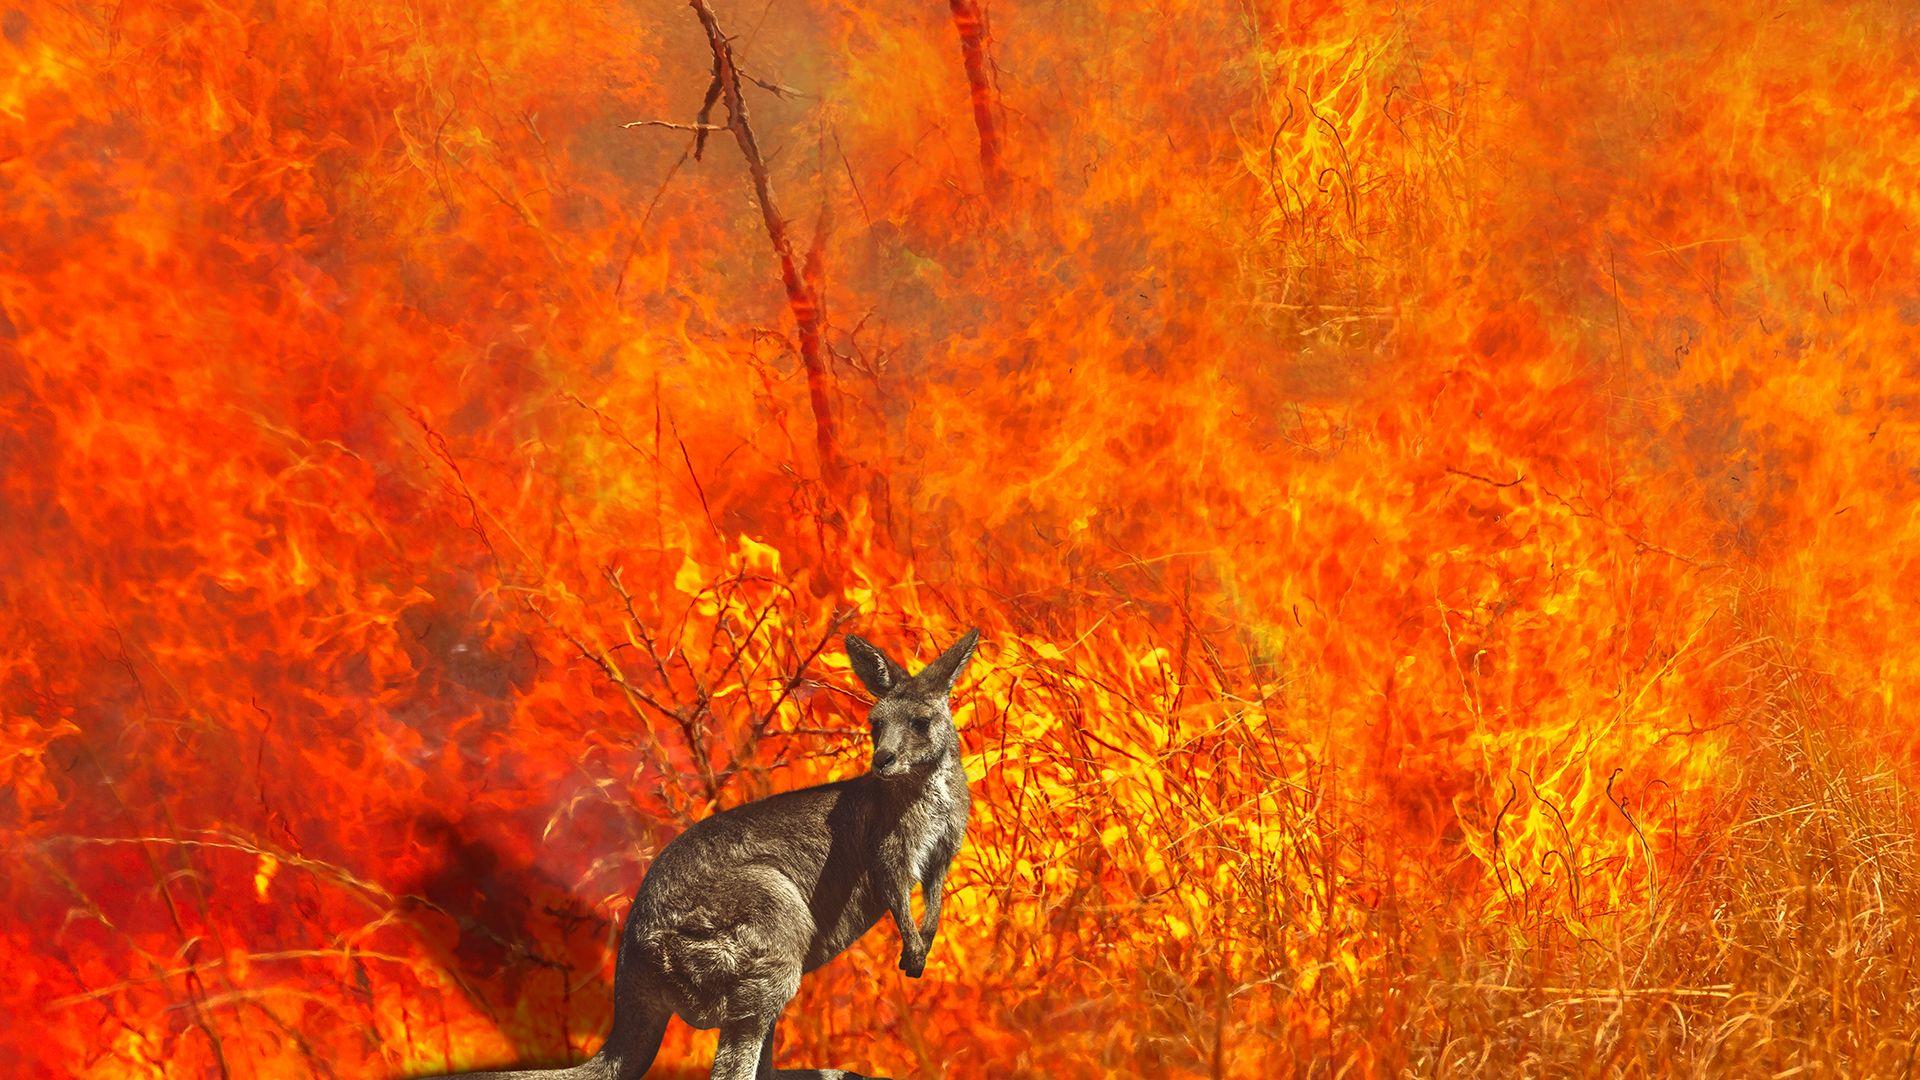 Kenguruk és koalák élettere szűnt meg az ausztrál tűz miatt